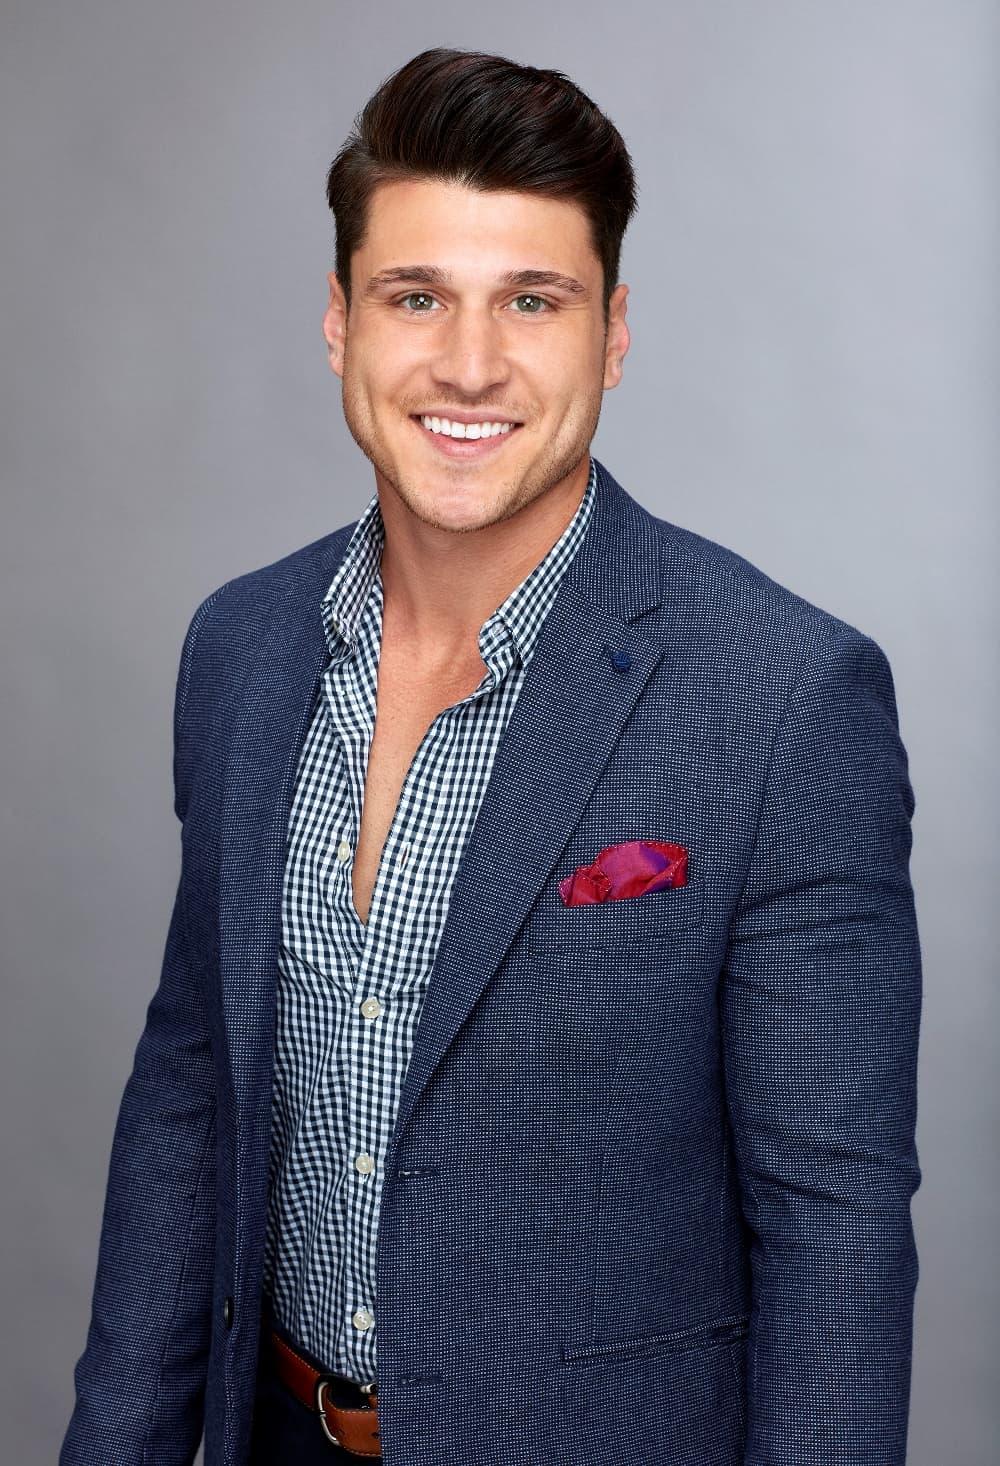 The Bachelorette Connor Obrachta